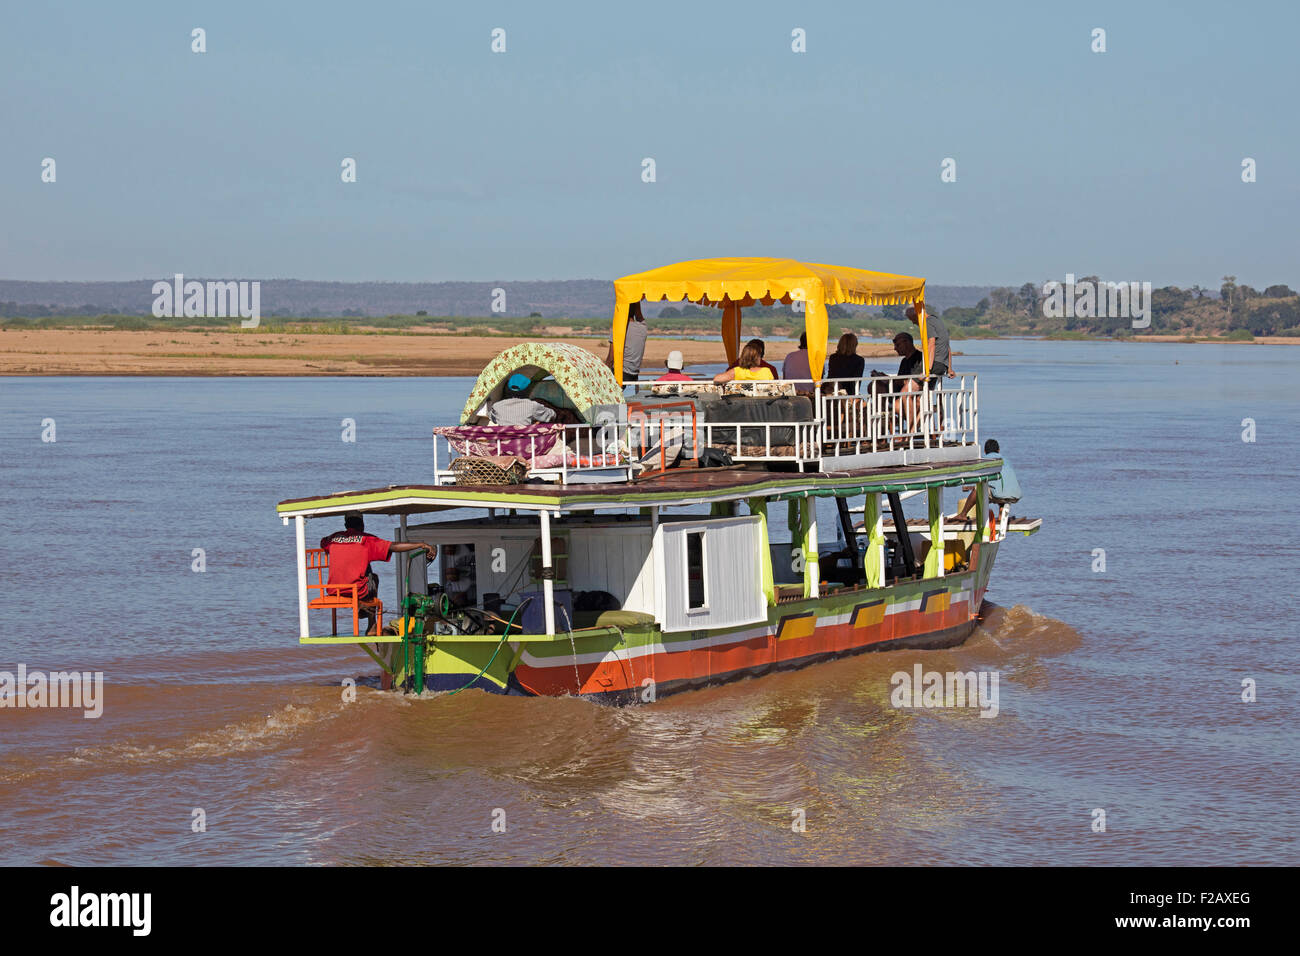 Motor a los turistas en un viaje en barco por el río Tsiribihina / Tsiribinha al atardecer en Menabe, Madagascar, Imagen De Stock